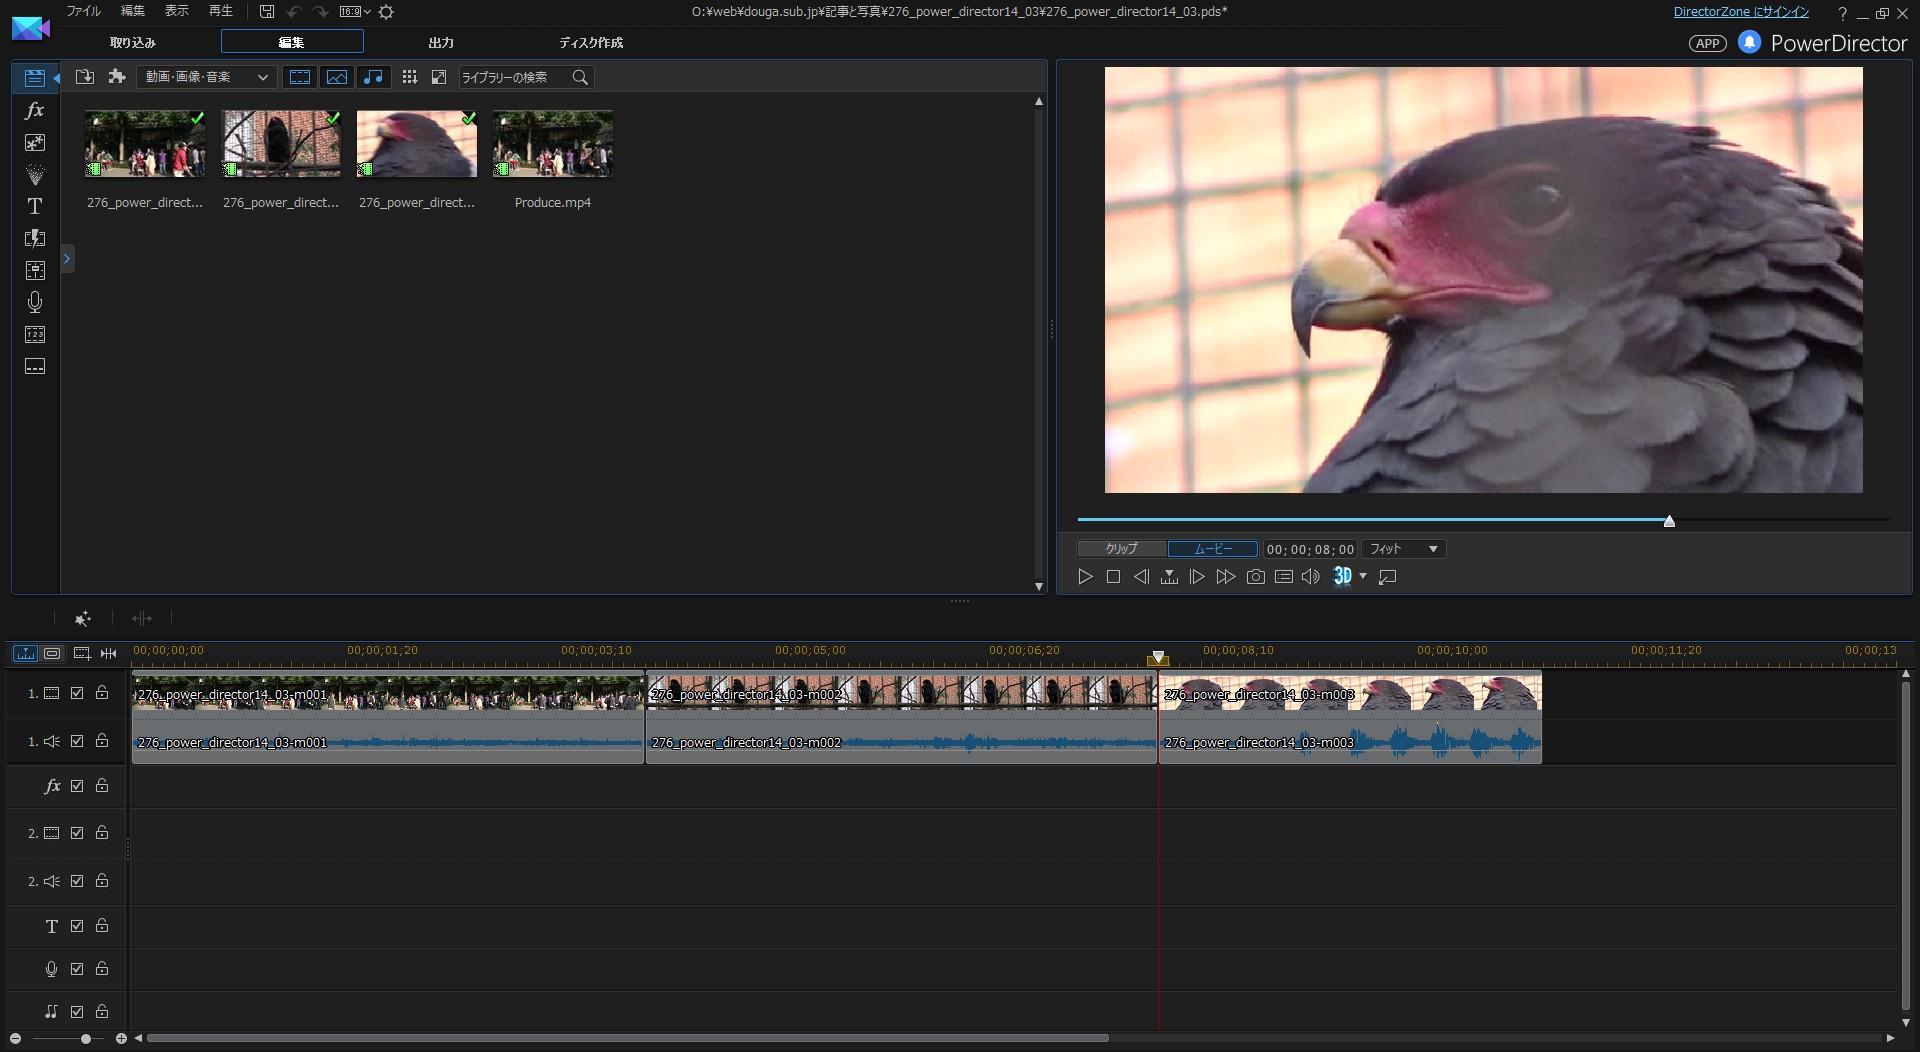 動画編集ソフト PowerDirector 14の使い方 プロジェクト画面